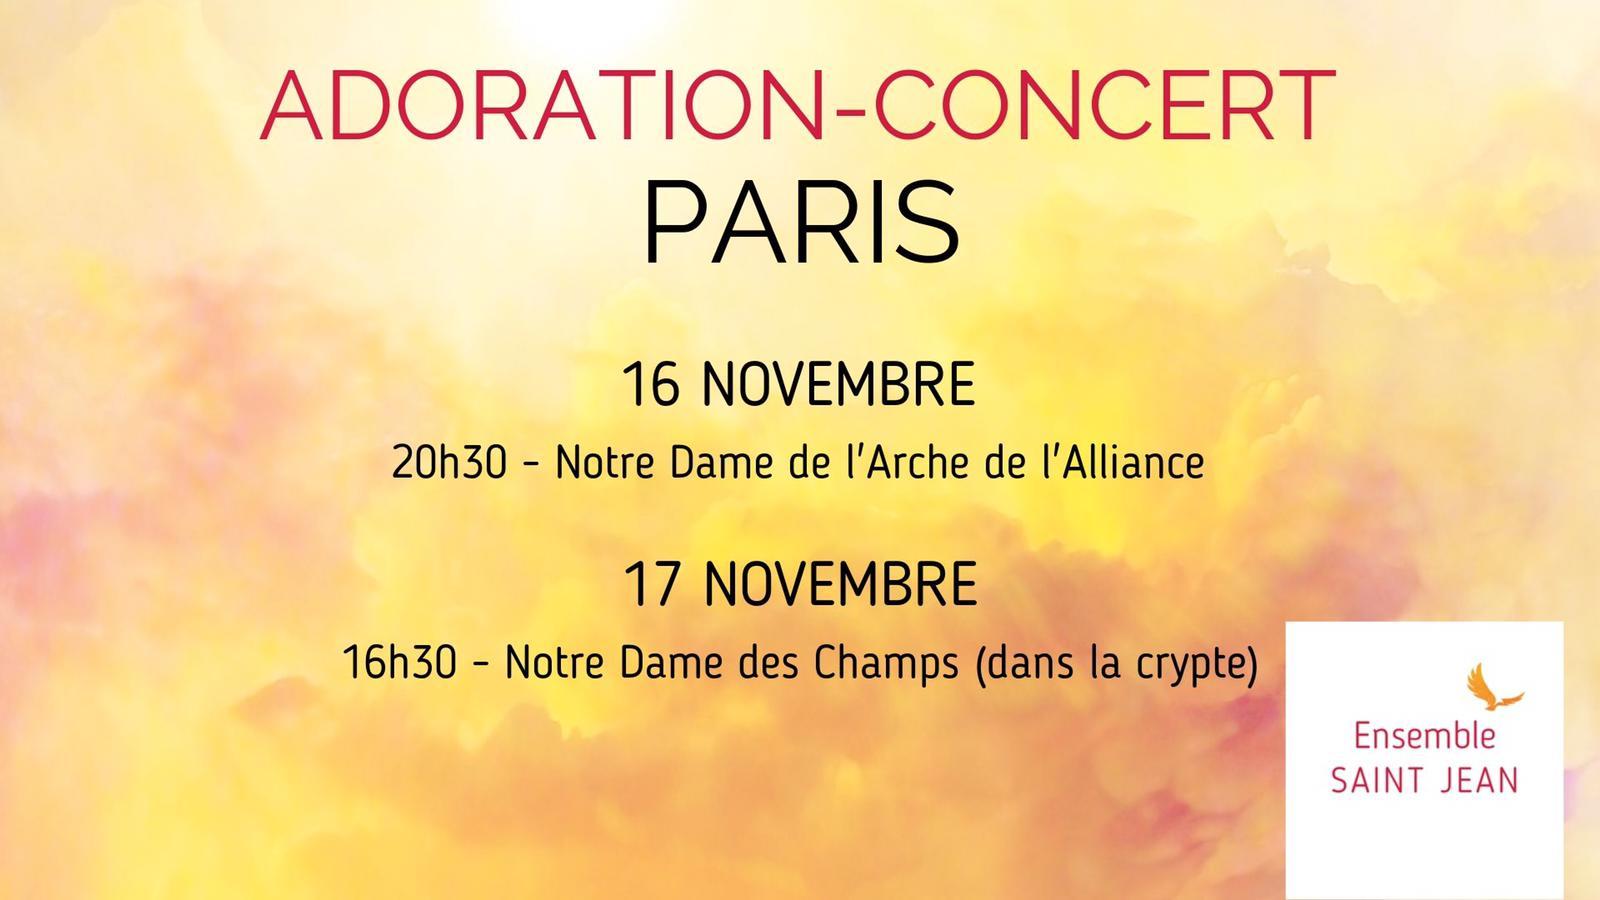 Adoration-Concert de l'Ensemble Saint Jean – 16 & 17 novembre 2019 à Paris